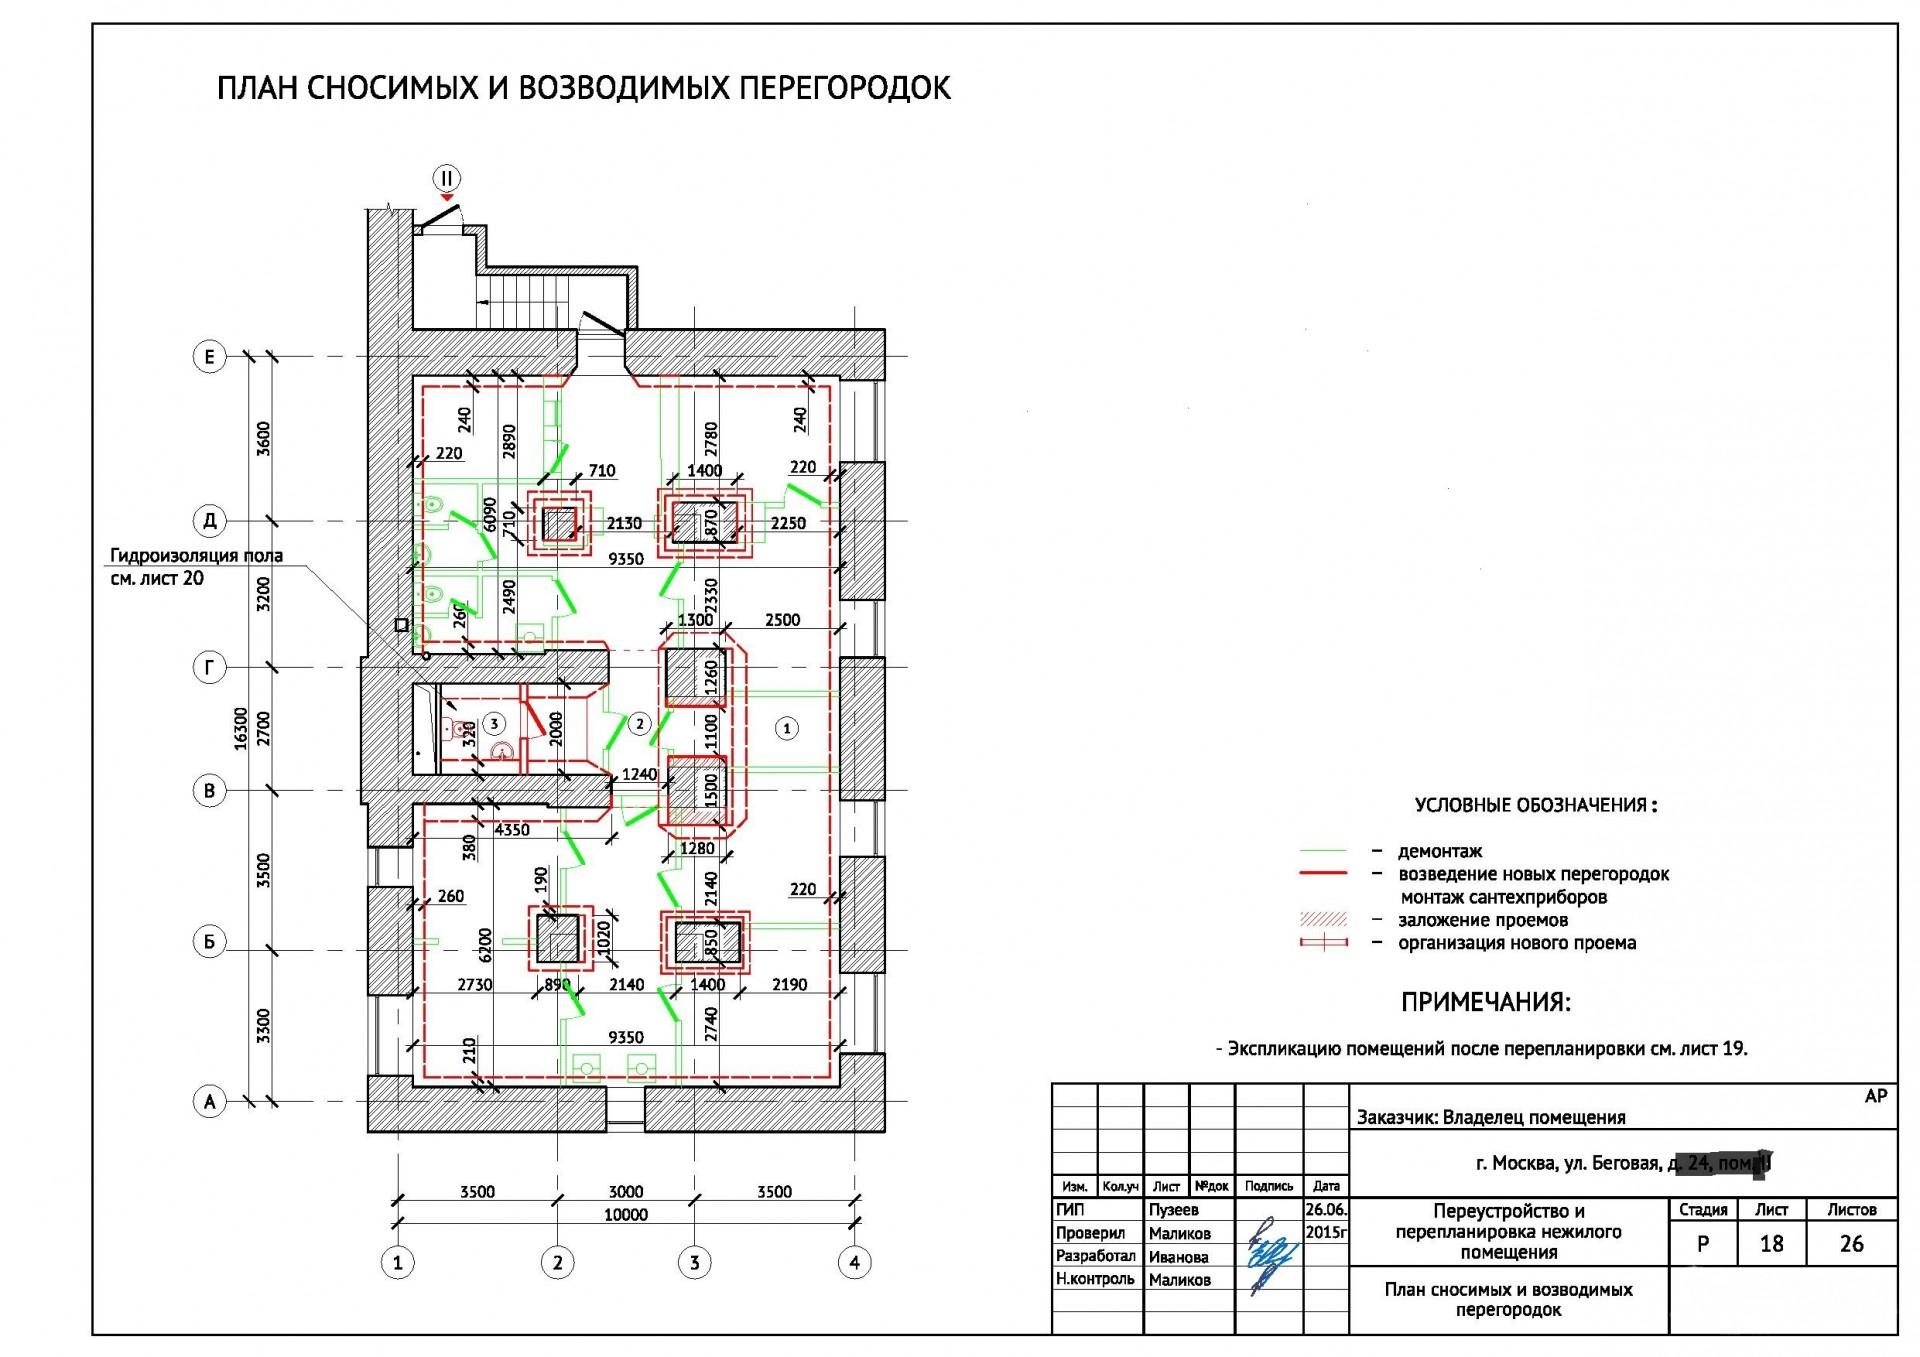 Проект перепланировки можно заказать в организации, состоящей в СРО. Типовые проекты можно получить в МЖИ.